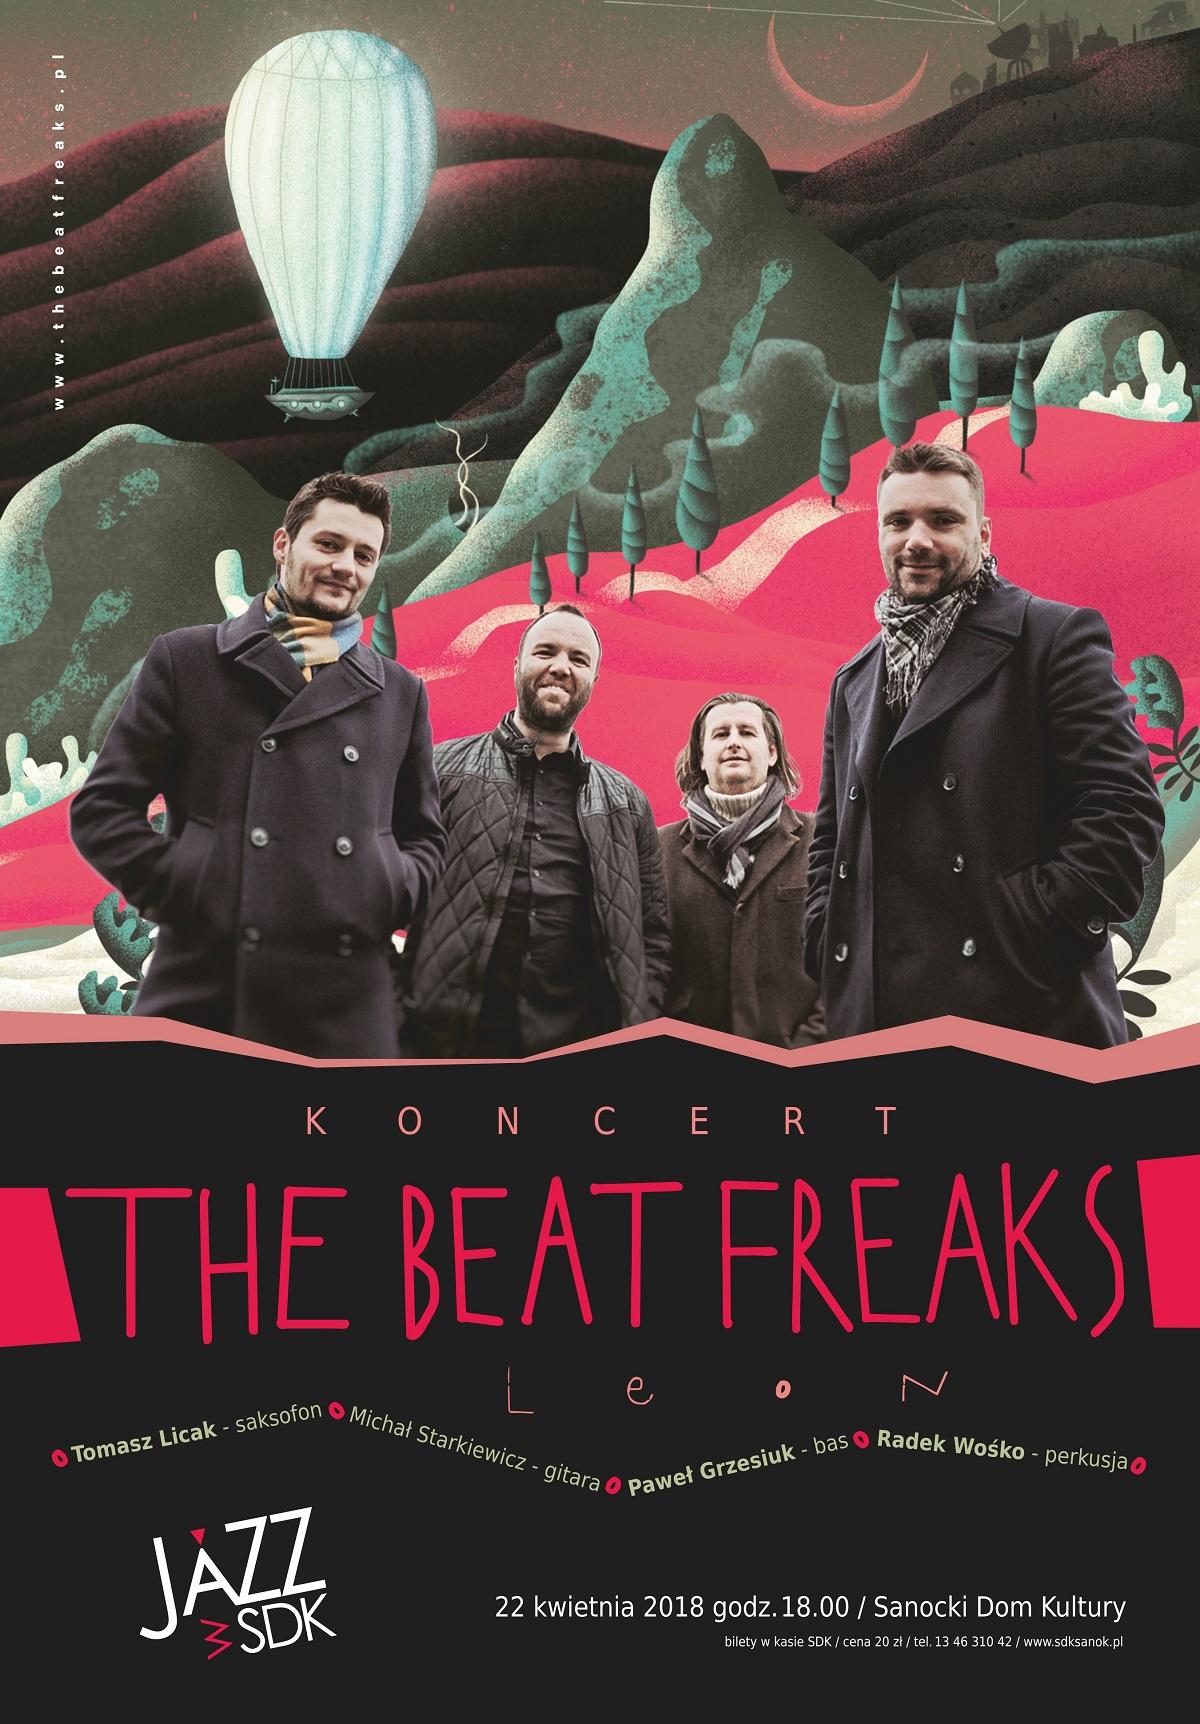 """Koncert """"THE BEAT FREAKS"""" w Sanoku - Zdjęcie główne"""